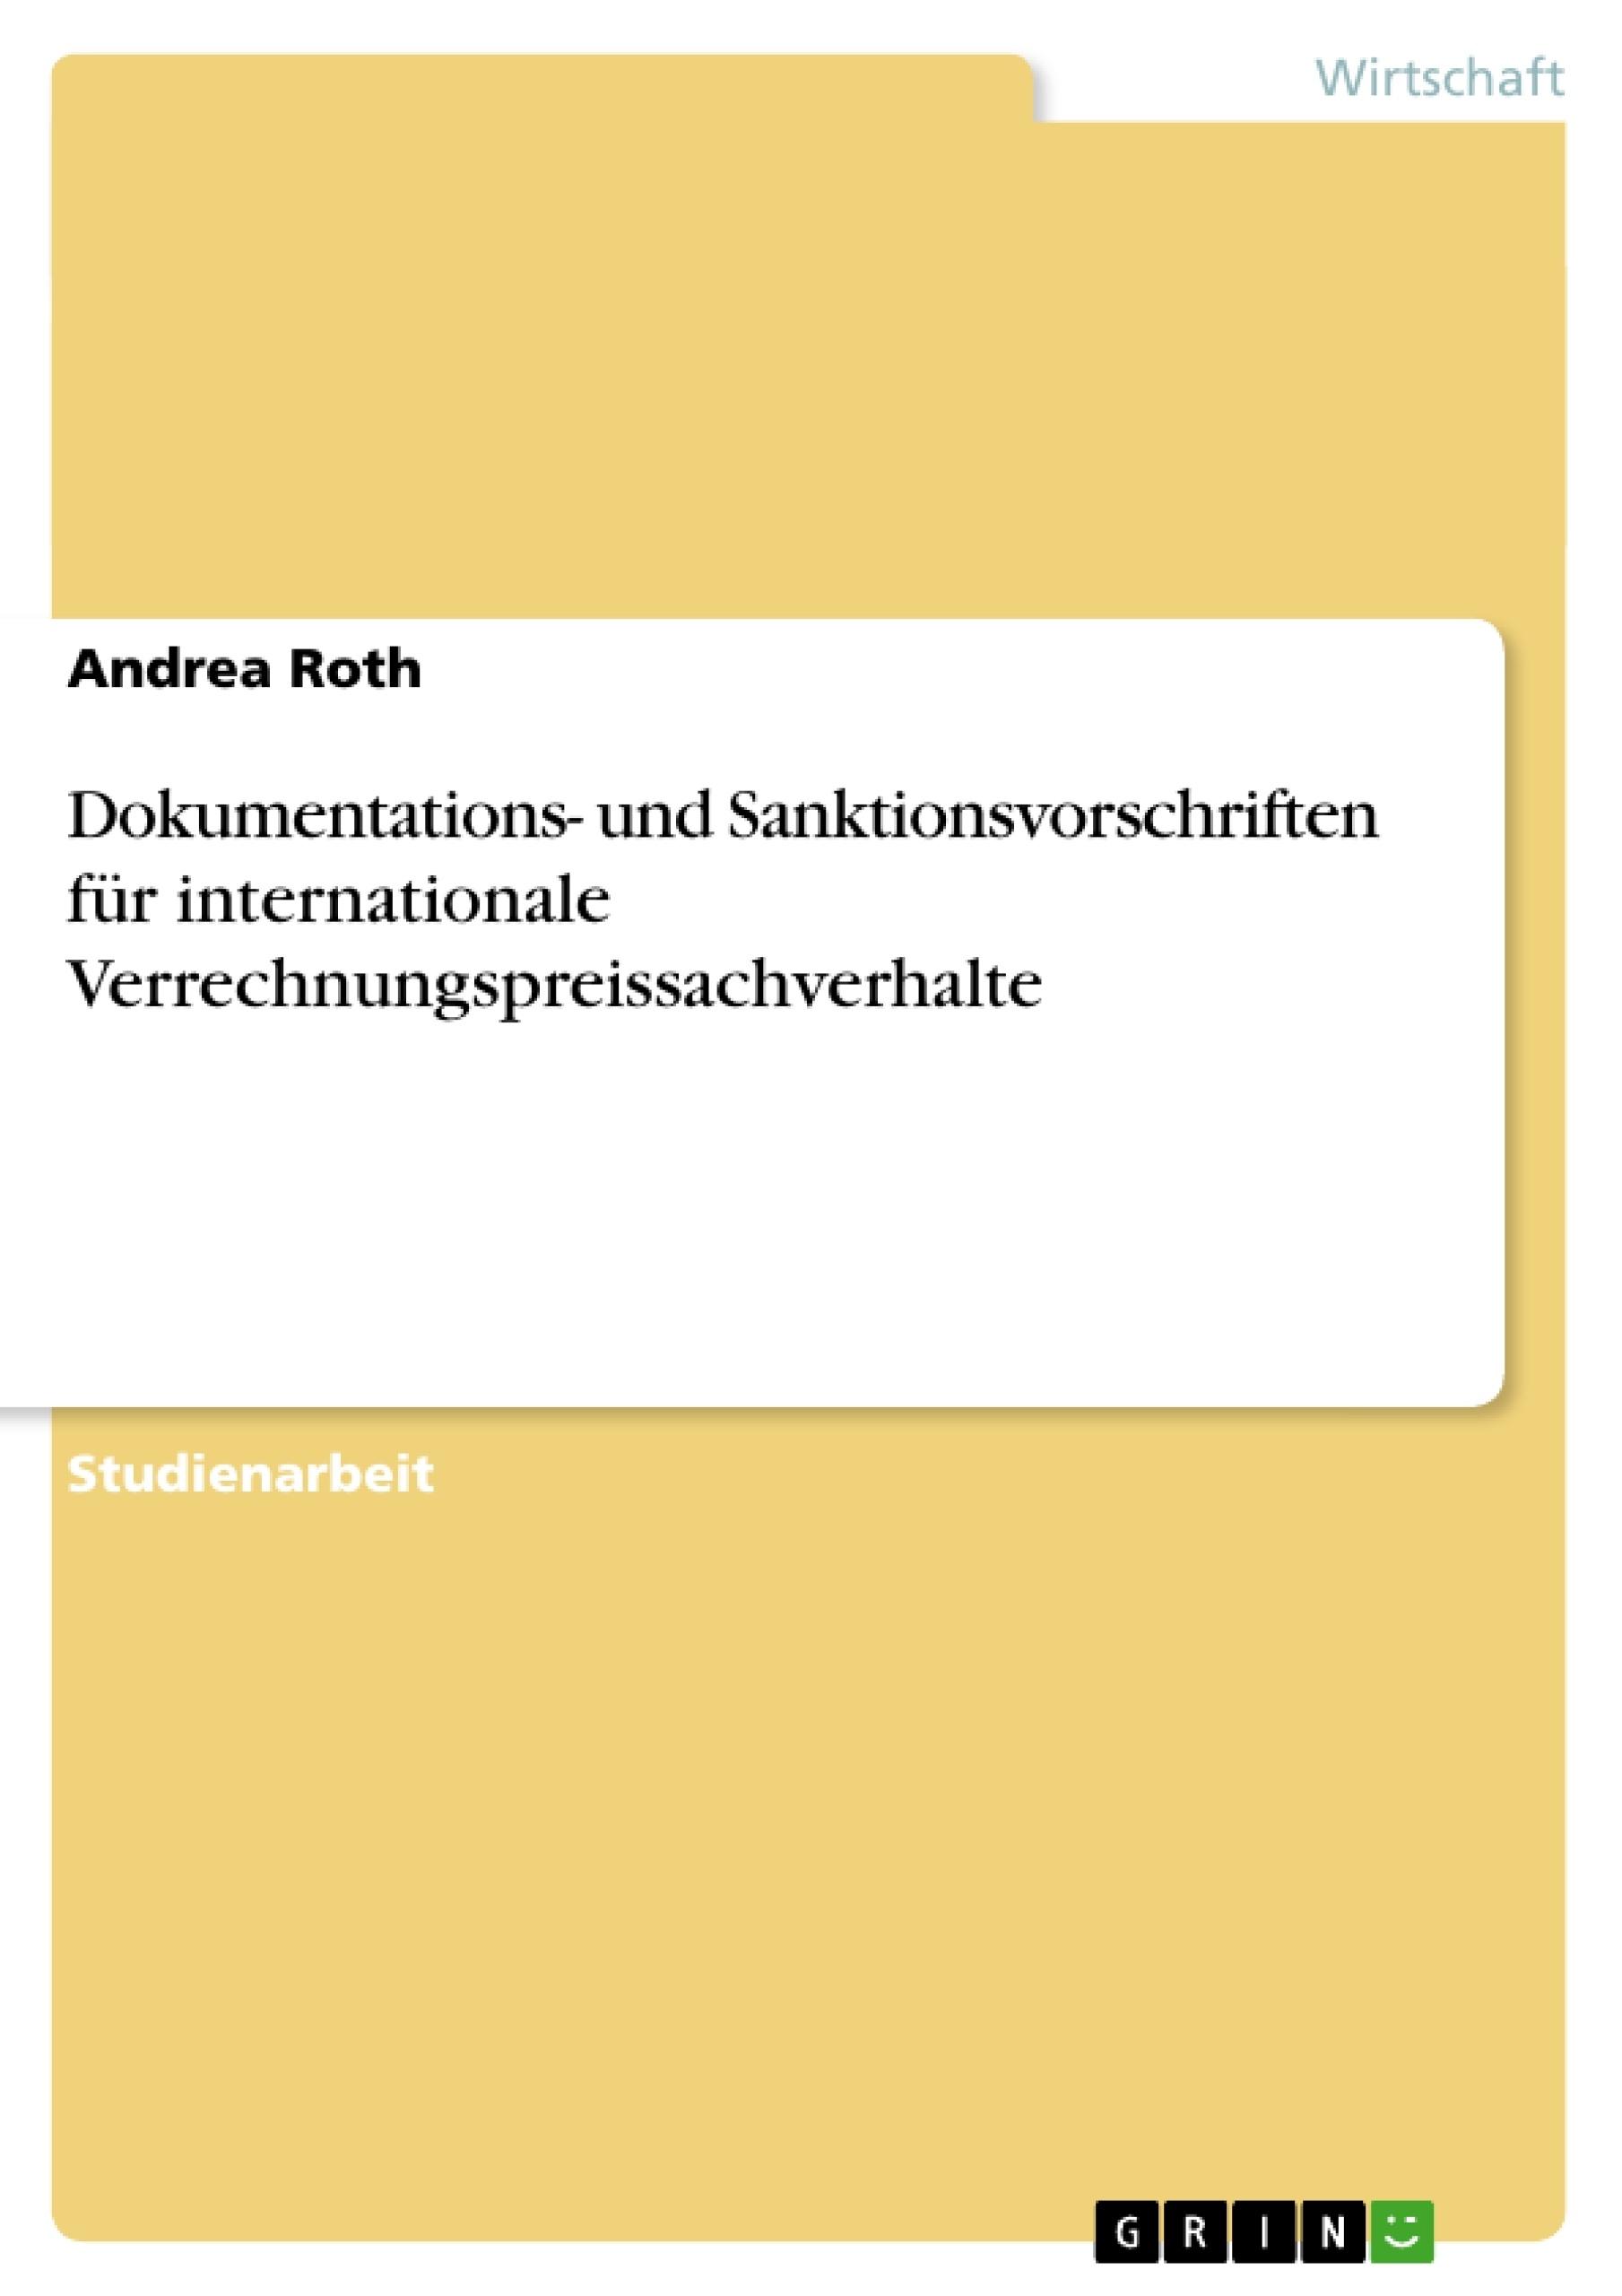 Titel: Dokumentations- und Sanktionsvorschriften für internationale Verrechnungspreissachverhalte